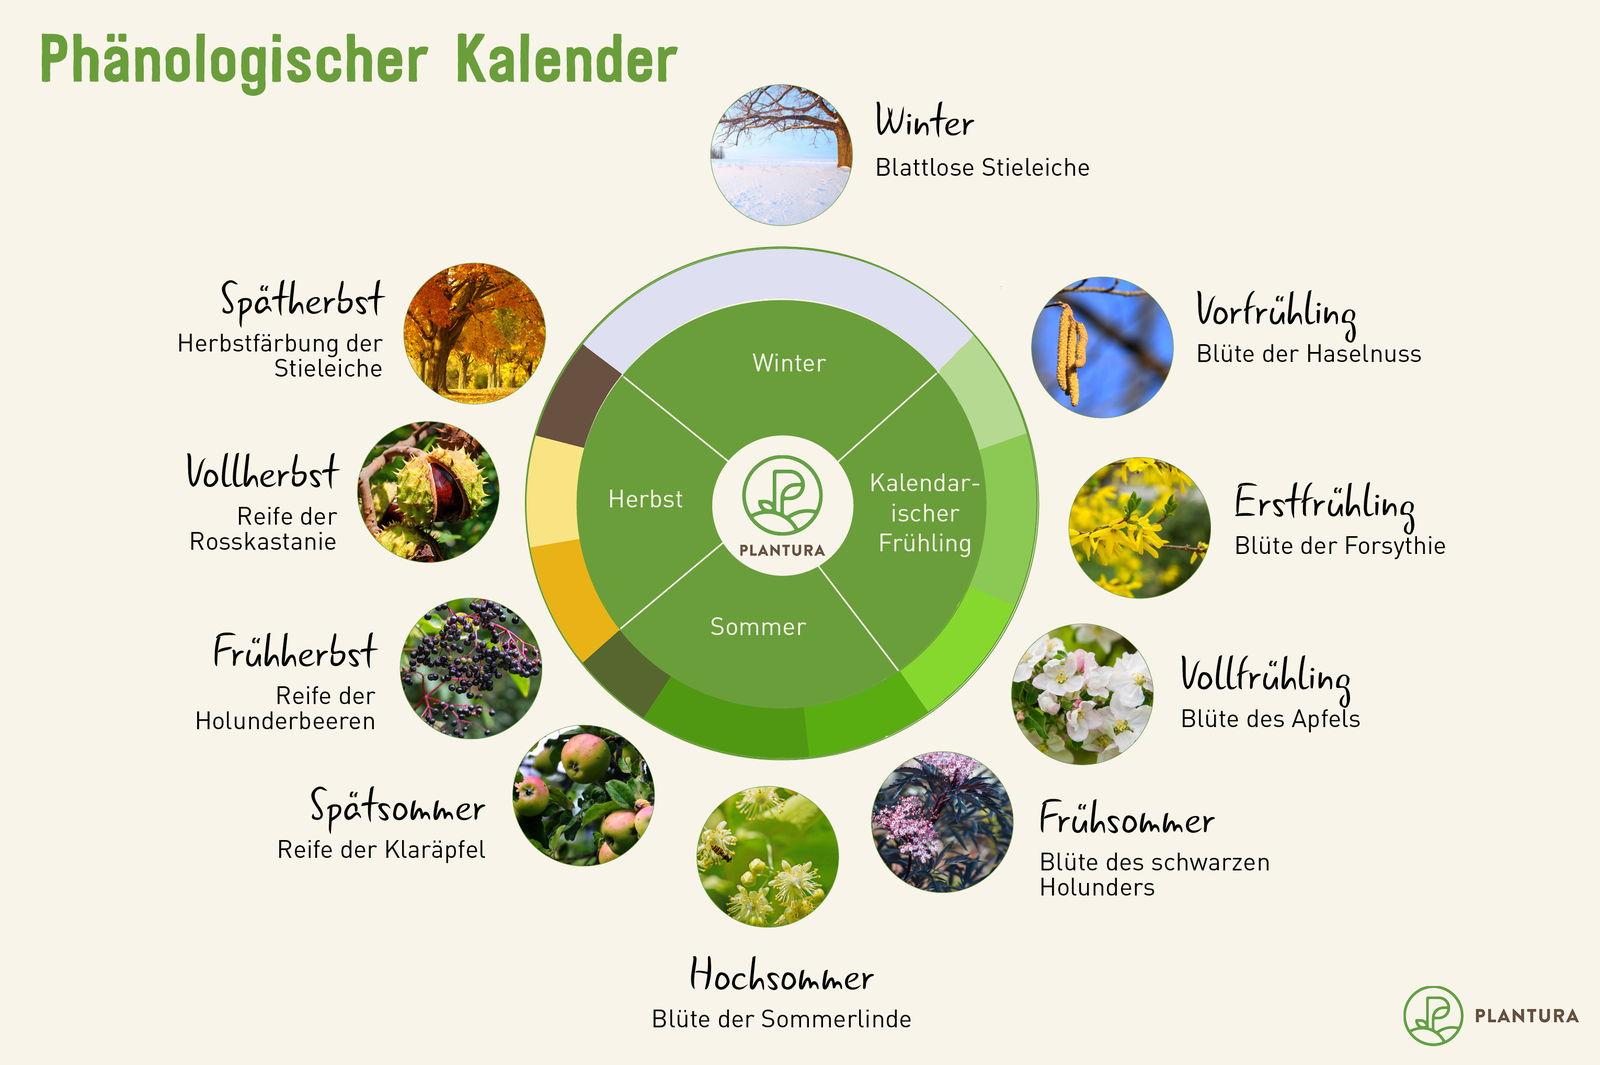 Phänologischer Kalender: Ihr Gartenkalender - Plantura mit Beginn Der Jahreszeiten